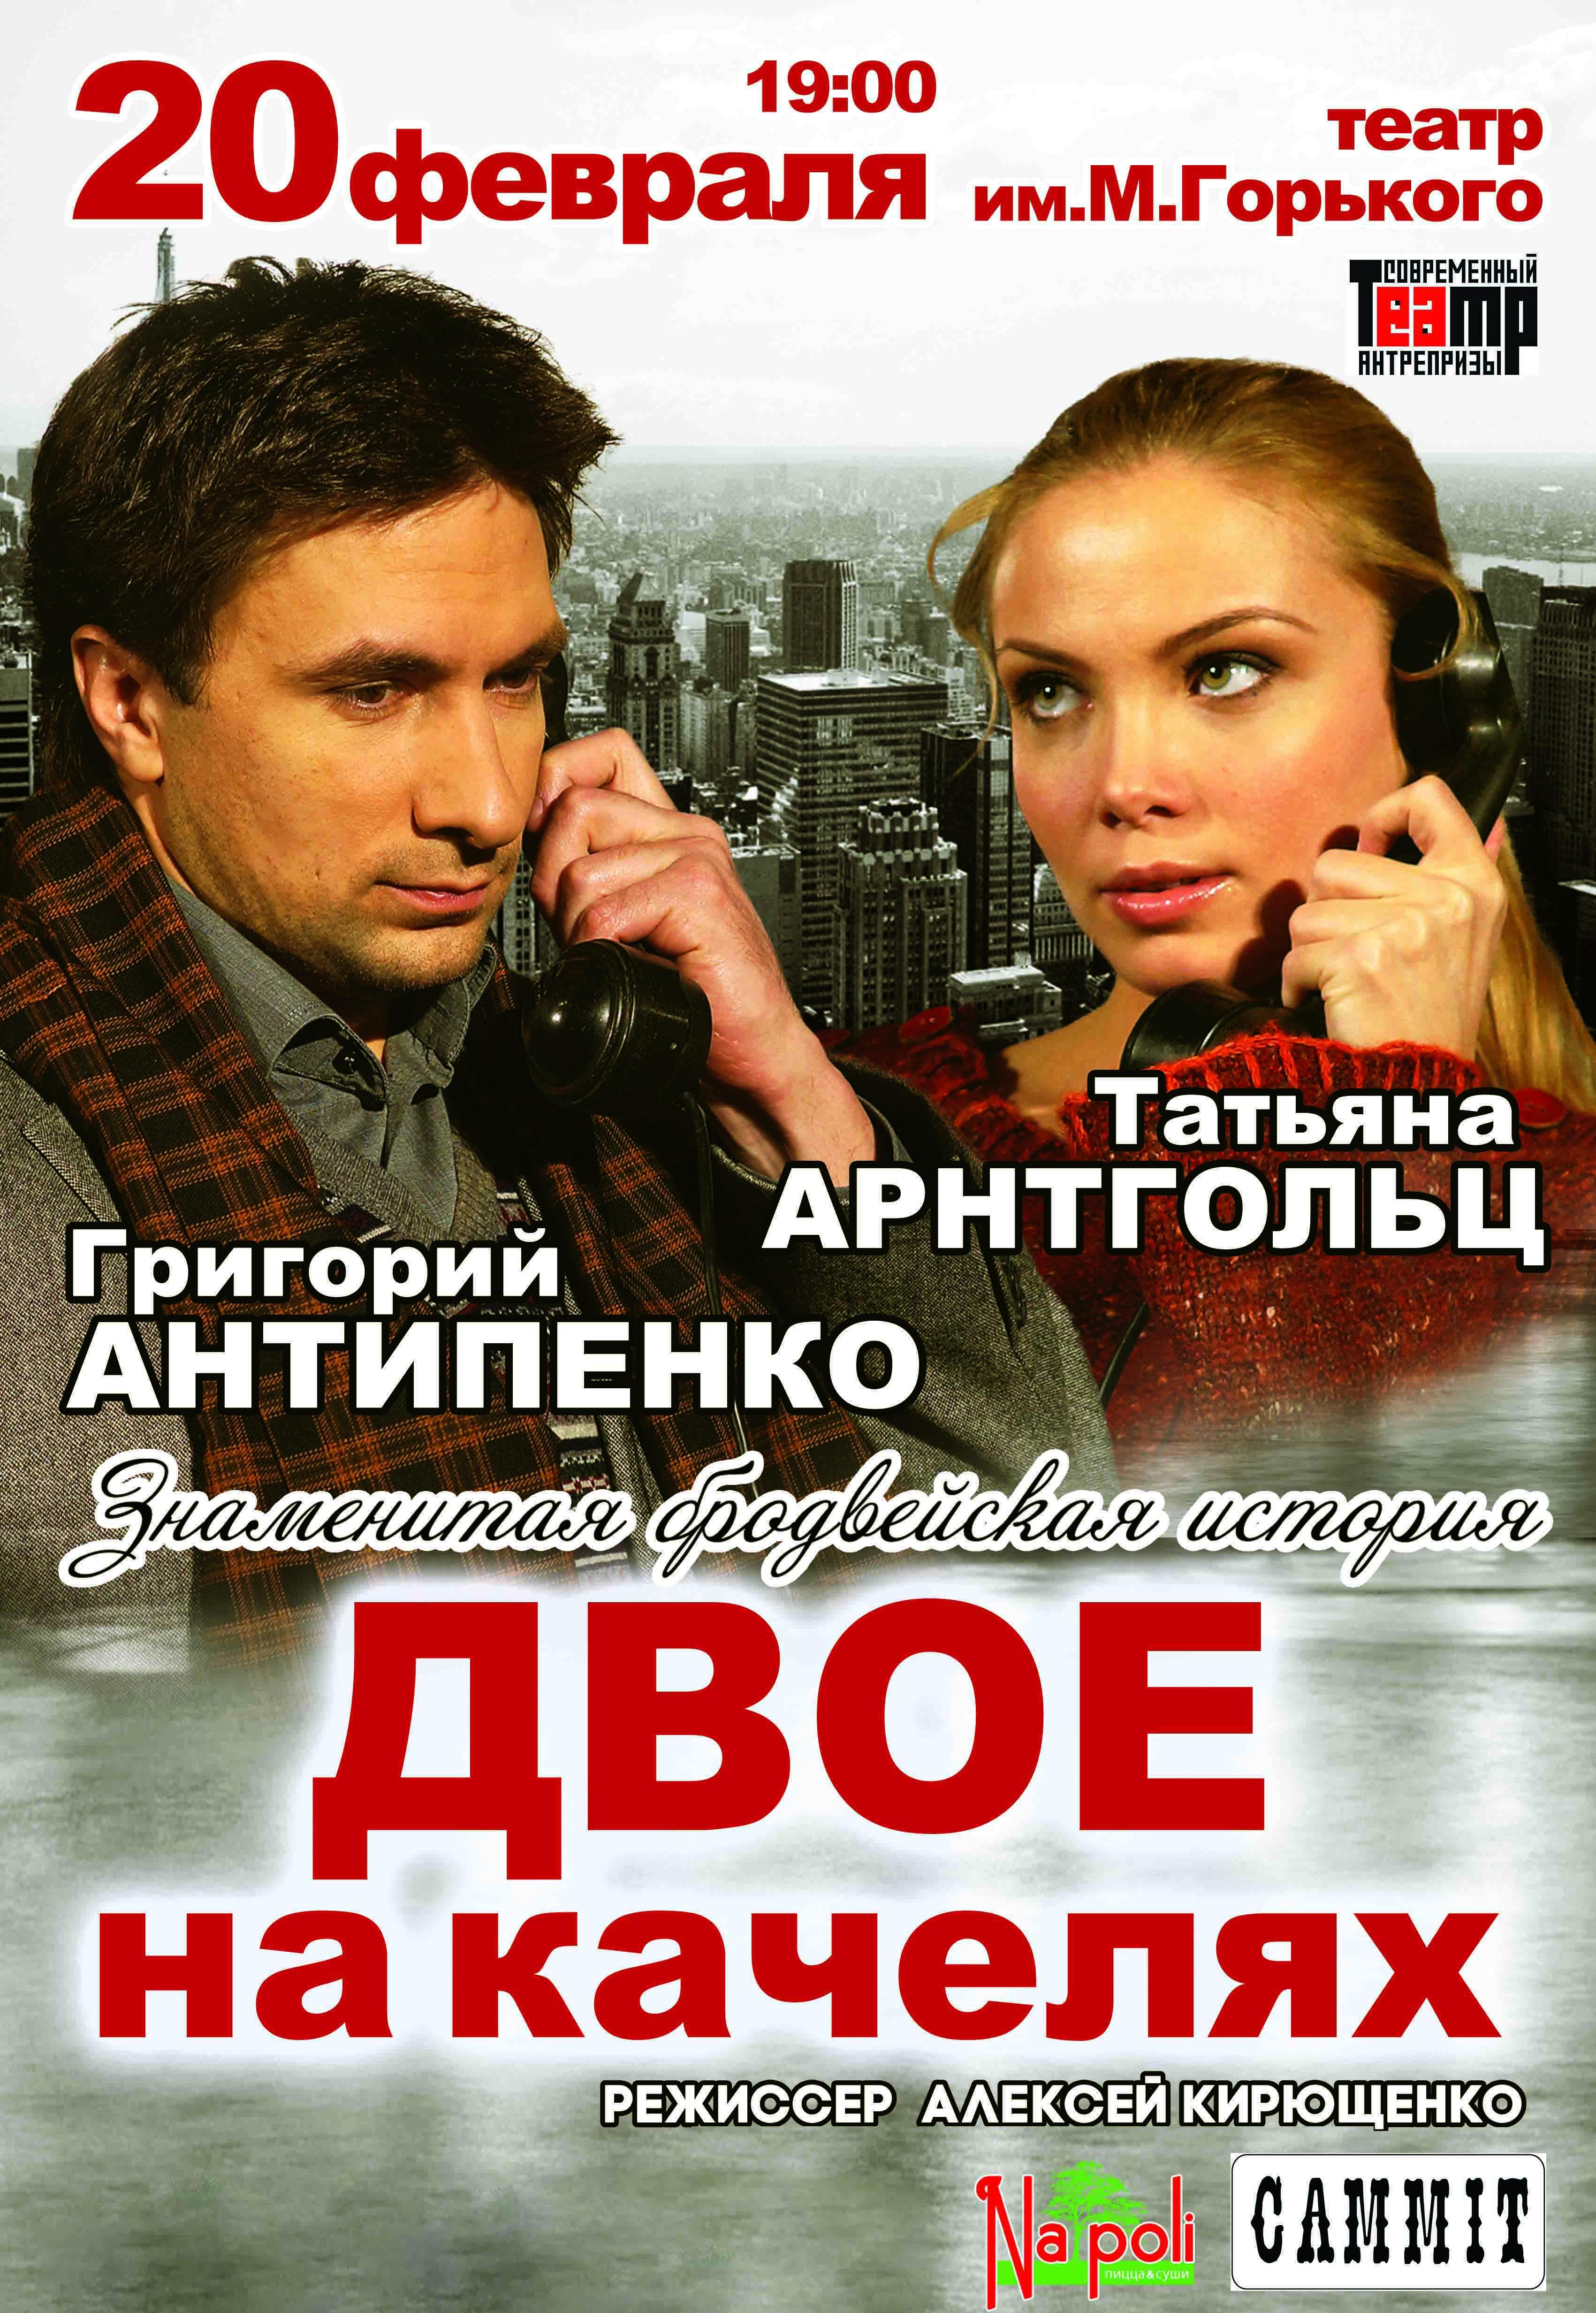 Как купить билет в театр горького через интернет волковский театр ярославль афиша актеры